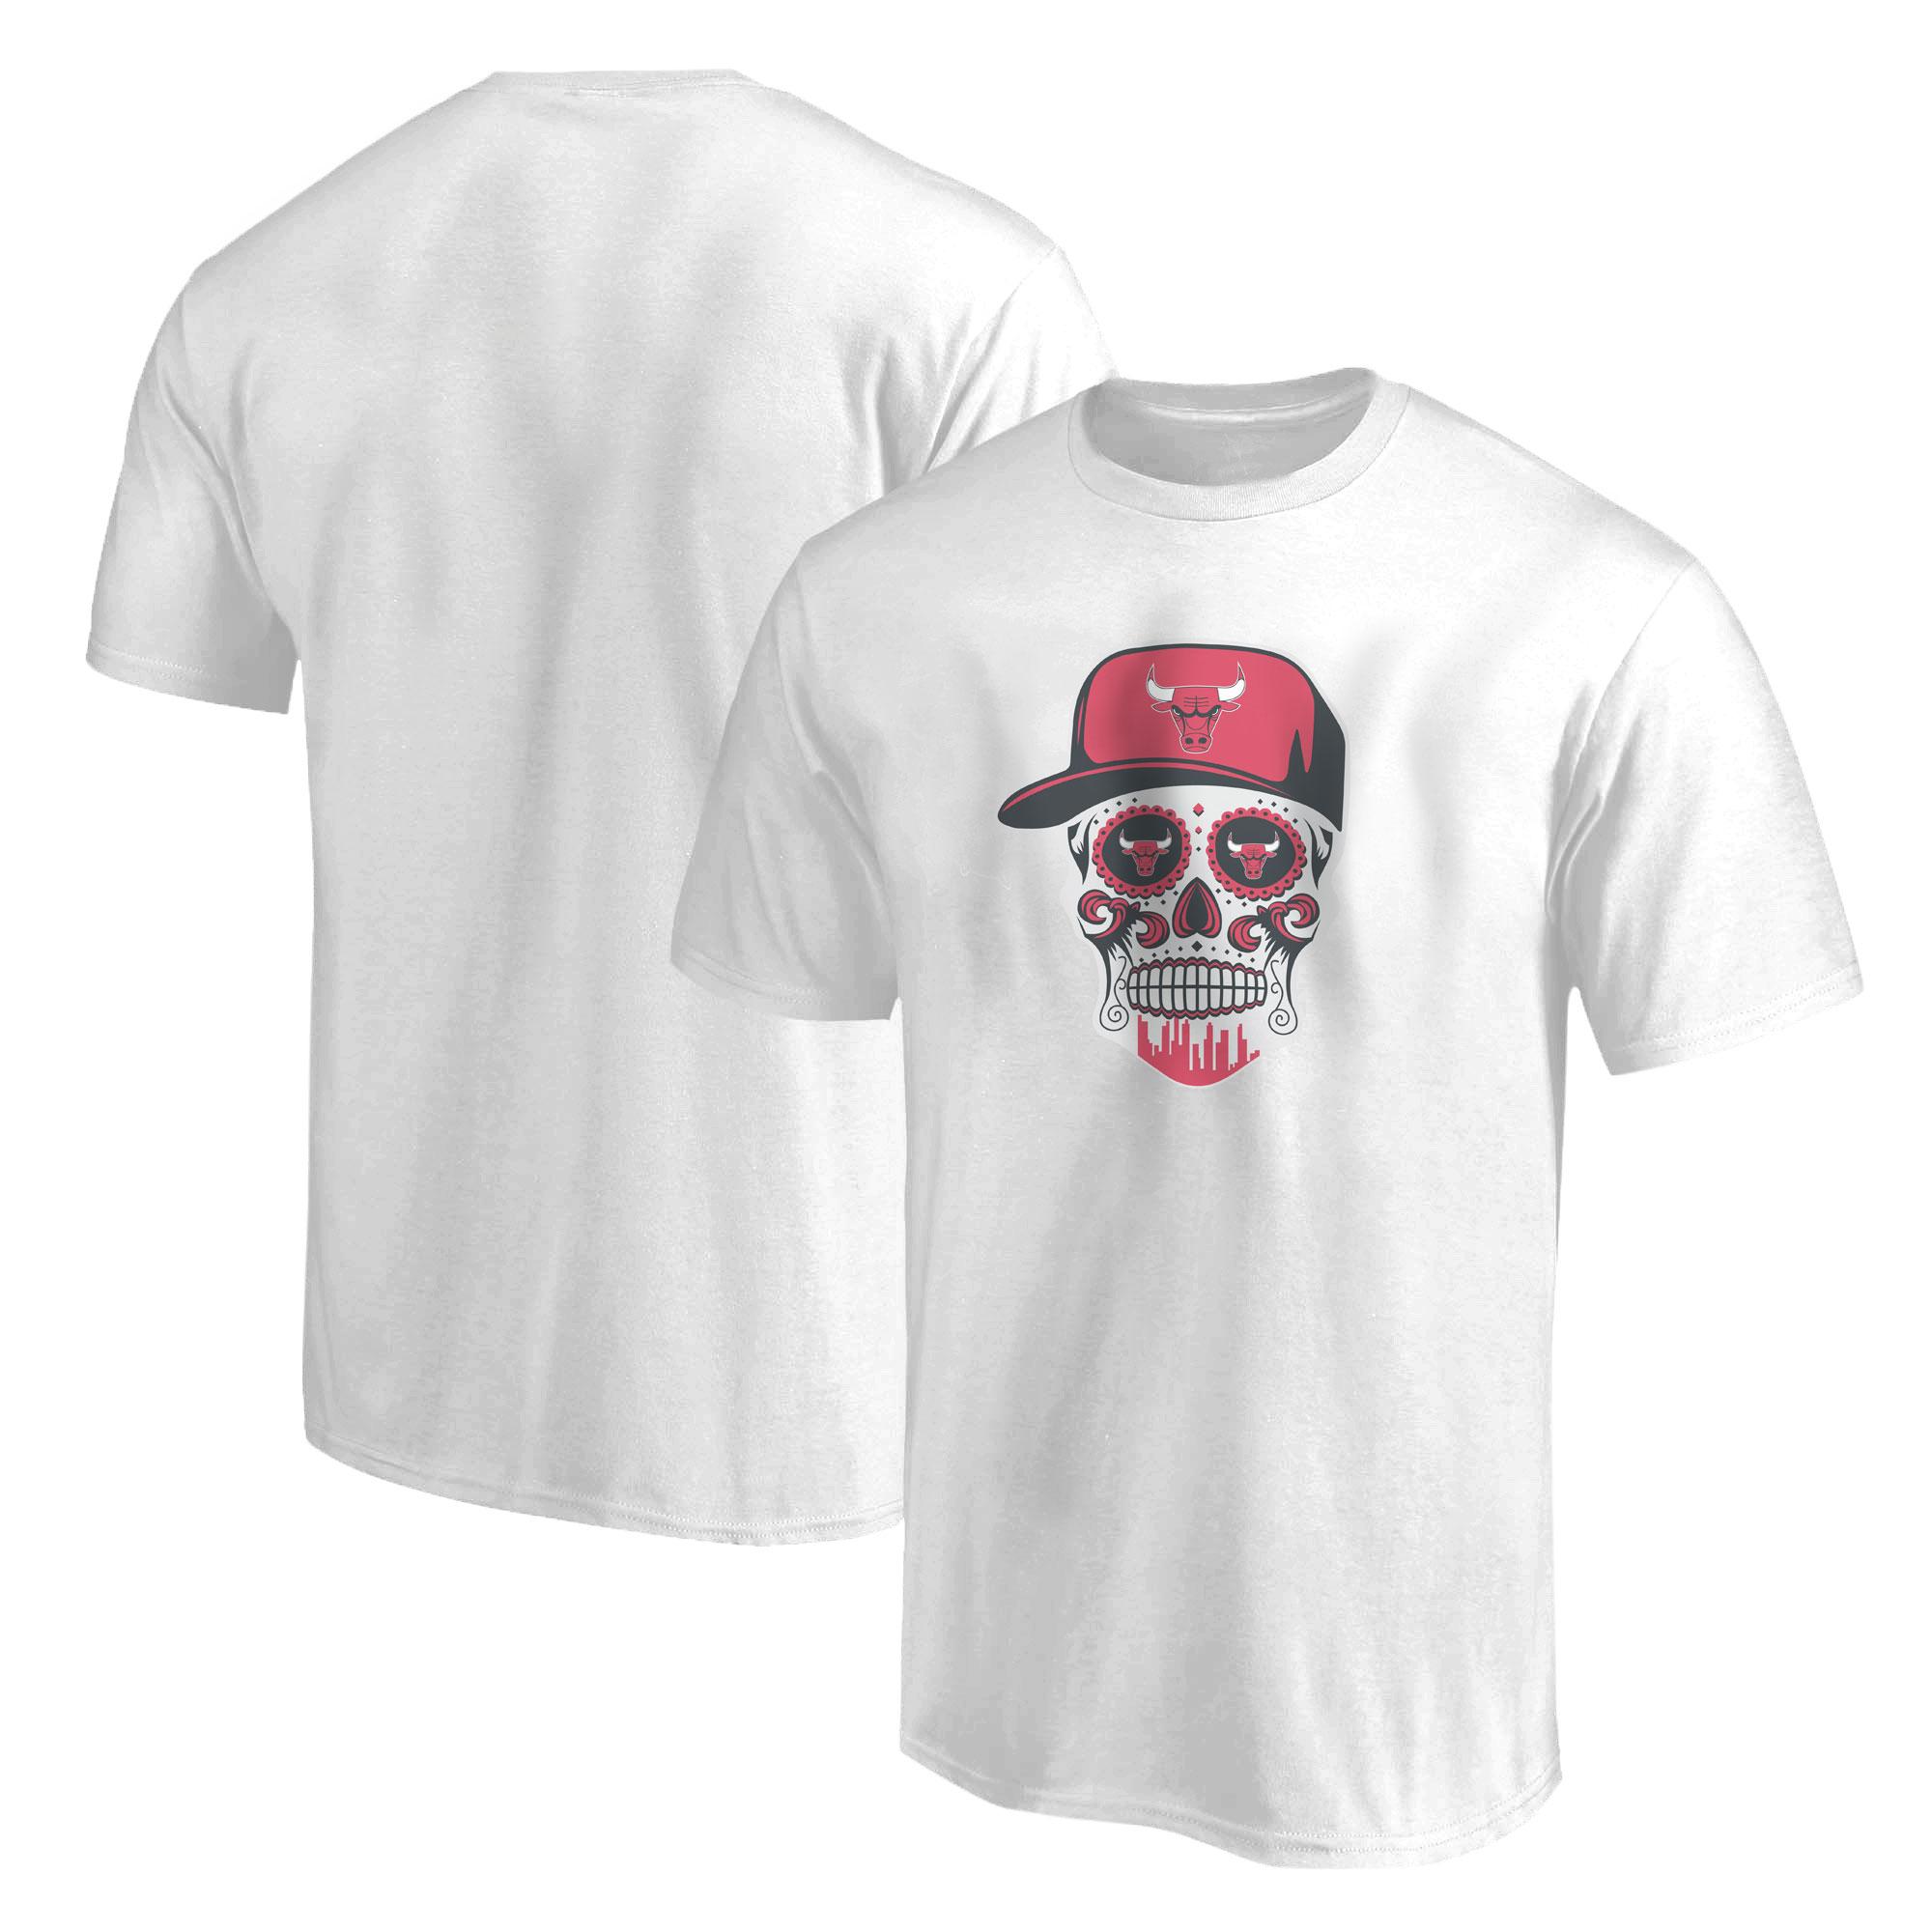 Bulls Skull Tshirt (TSH-WHT-NP-447-BULLS-SKULL)